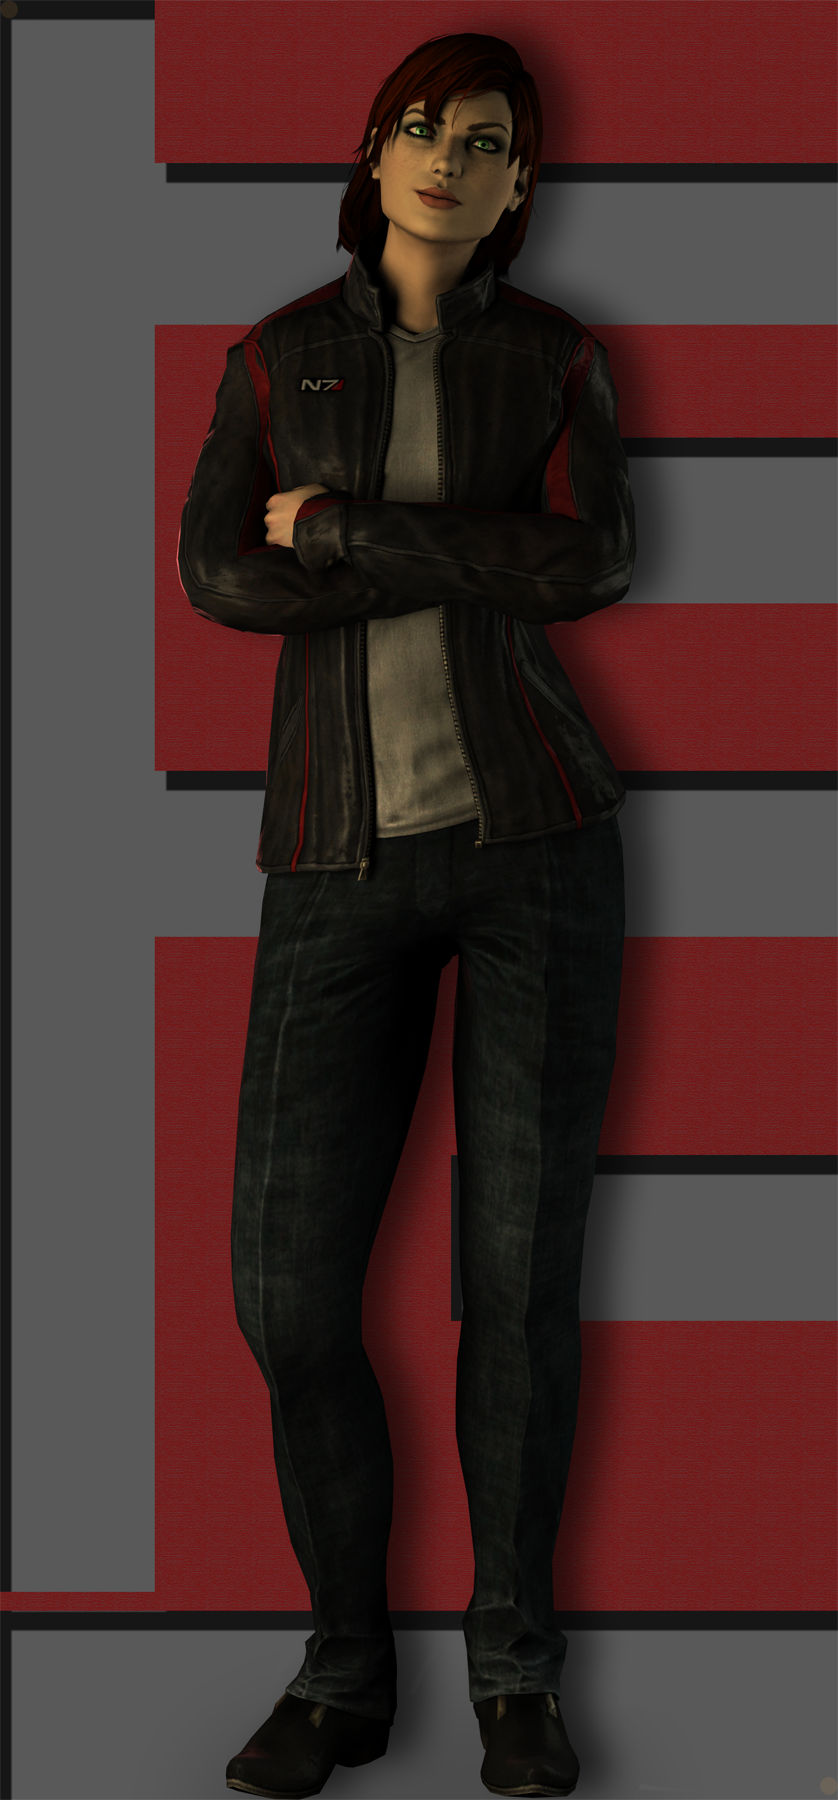 Femshep N7 Leather jacket by neehs